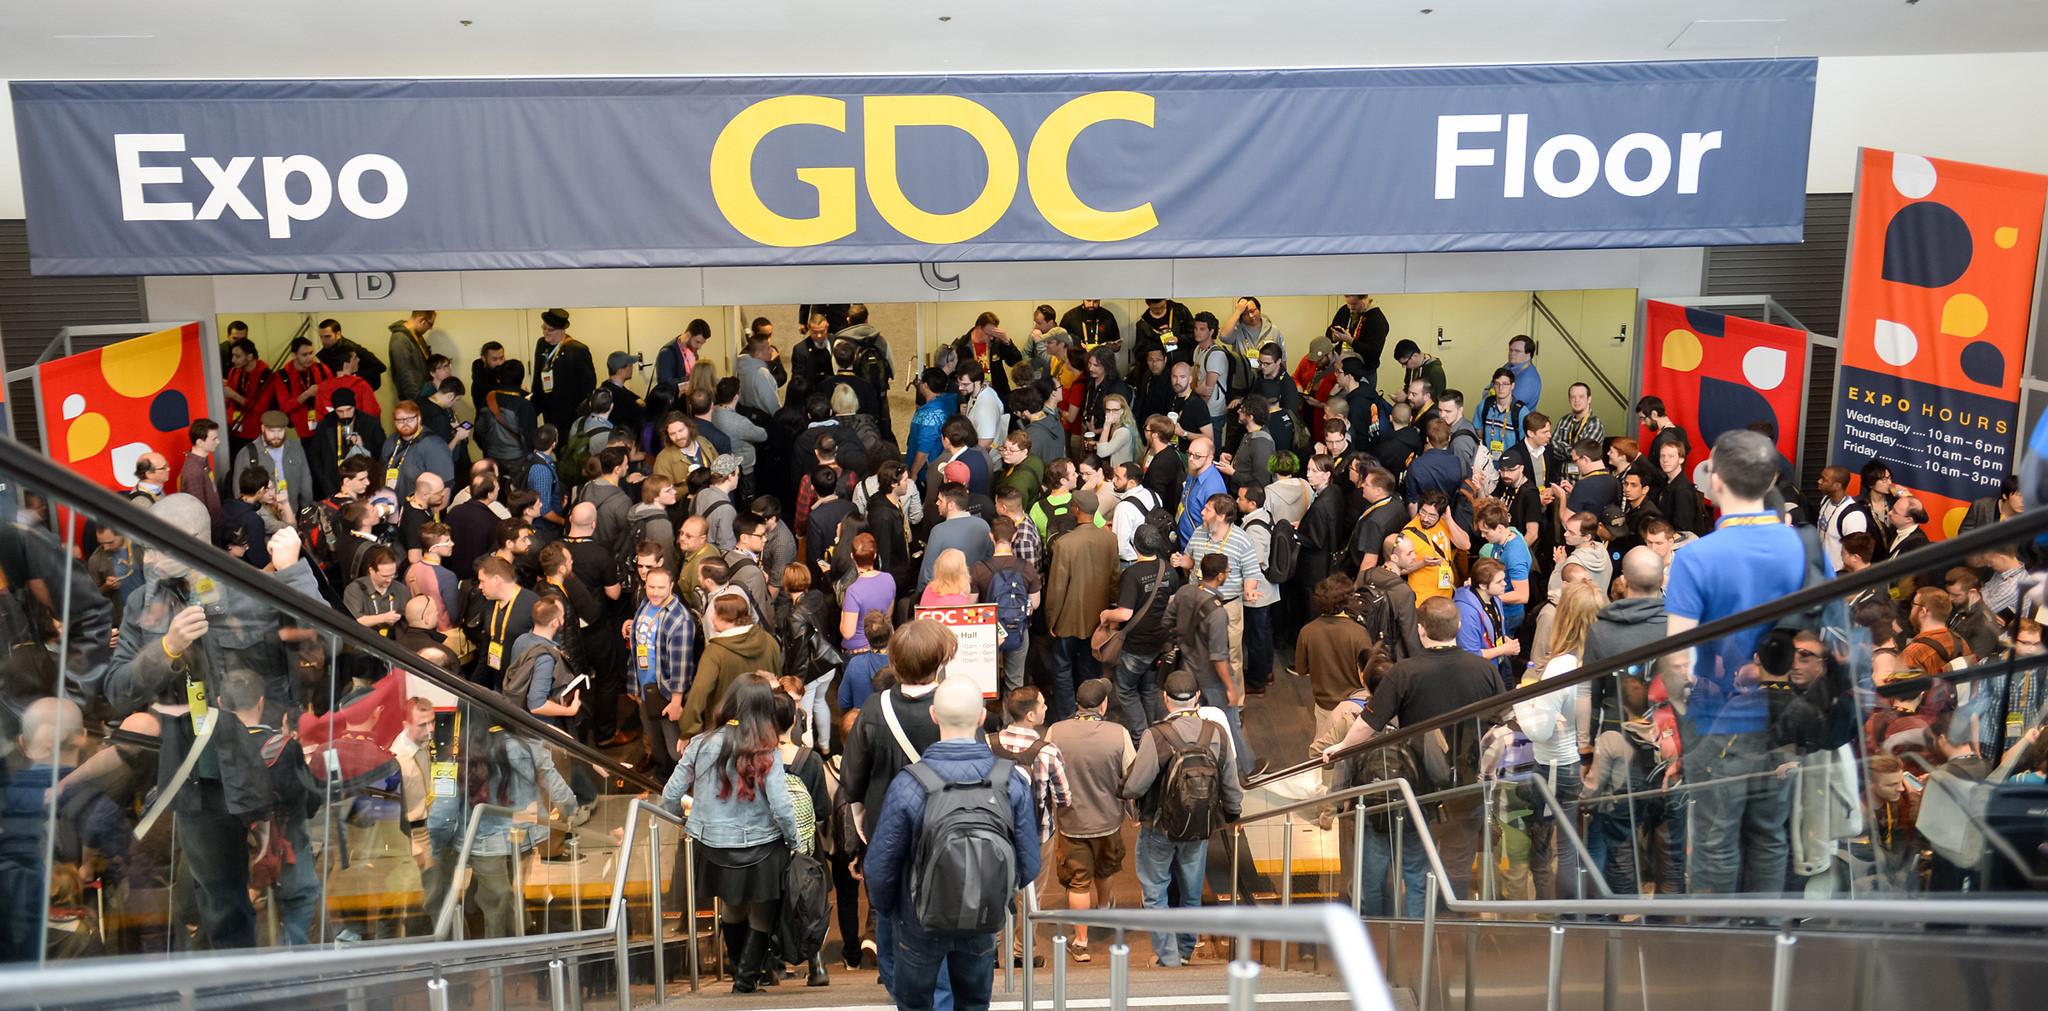 GDC Floor